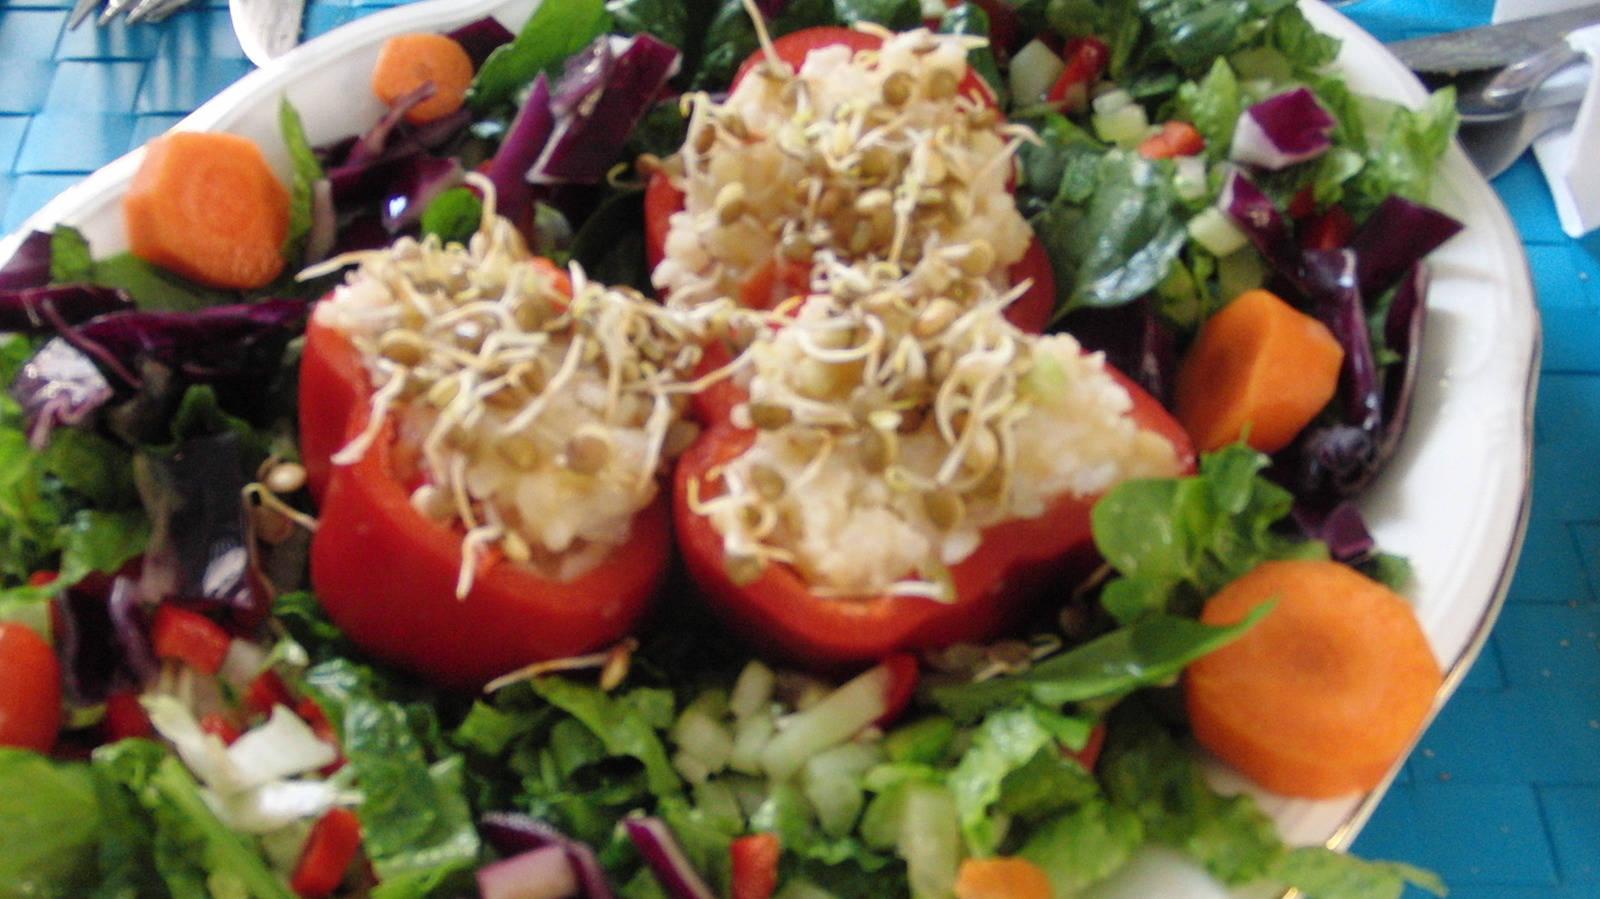 Rica y linda salad